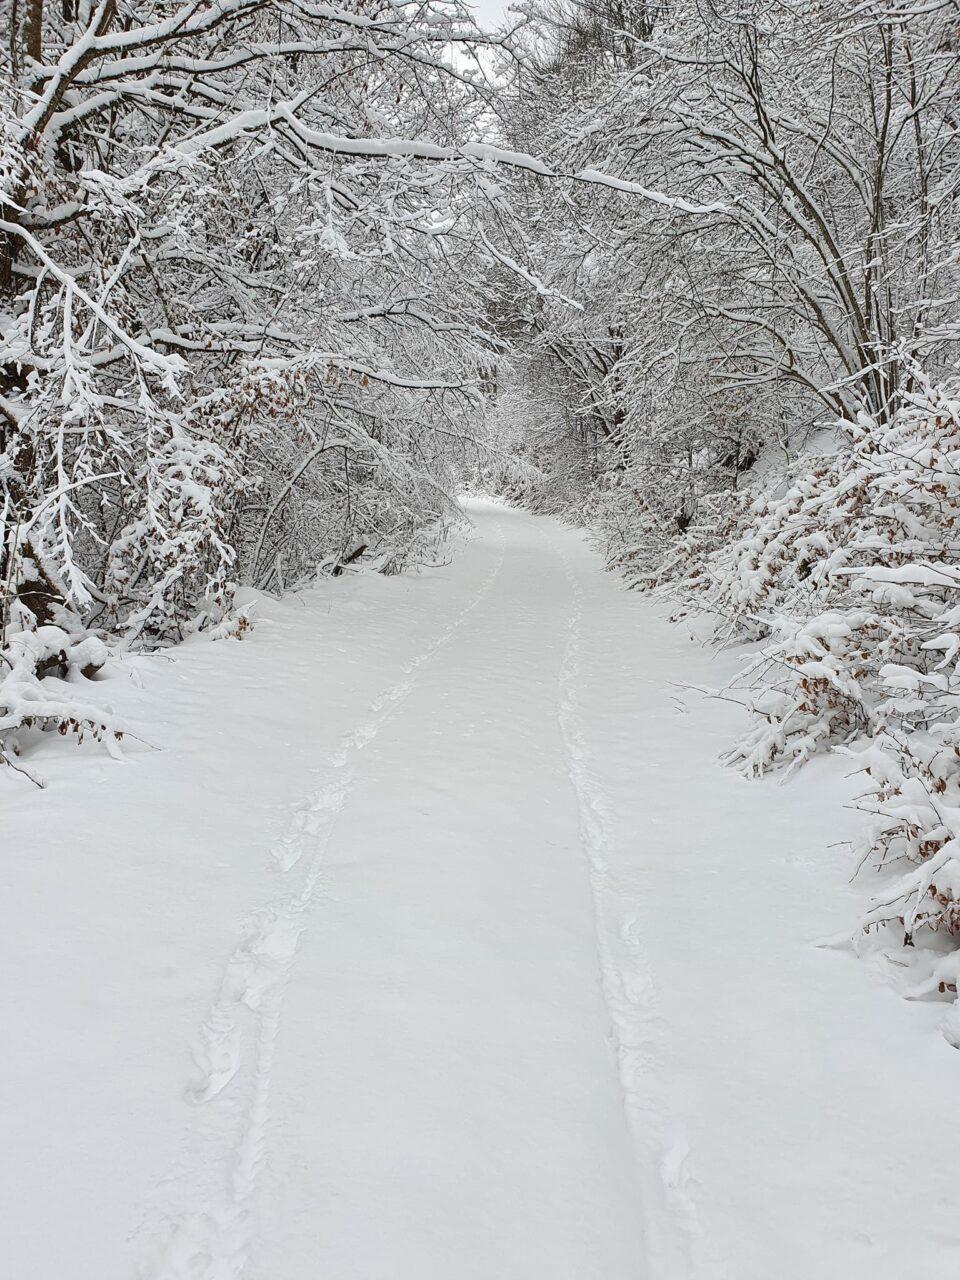 СИТЕ ПАТИШТА ВОДАТ КОН МИХАЈЛОВО – формирана нова снежна покрива од 30 сантиметри на Кожуф(ФОТО)